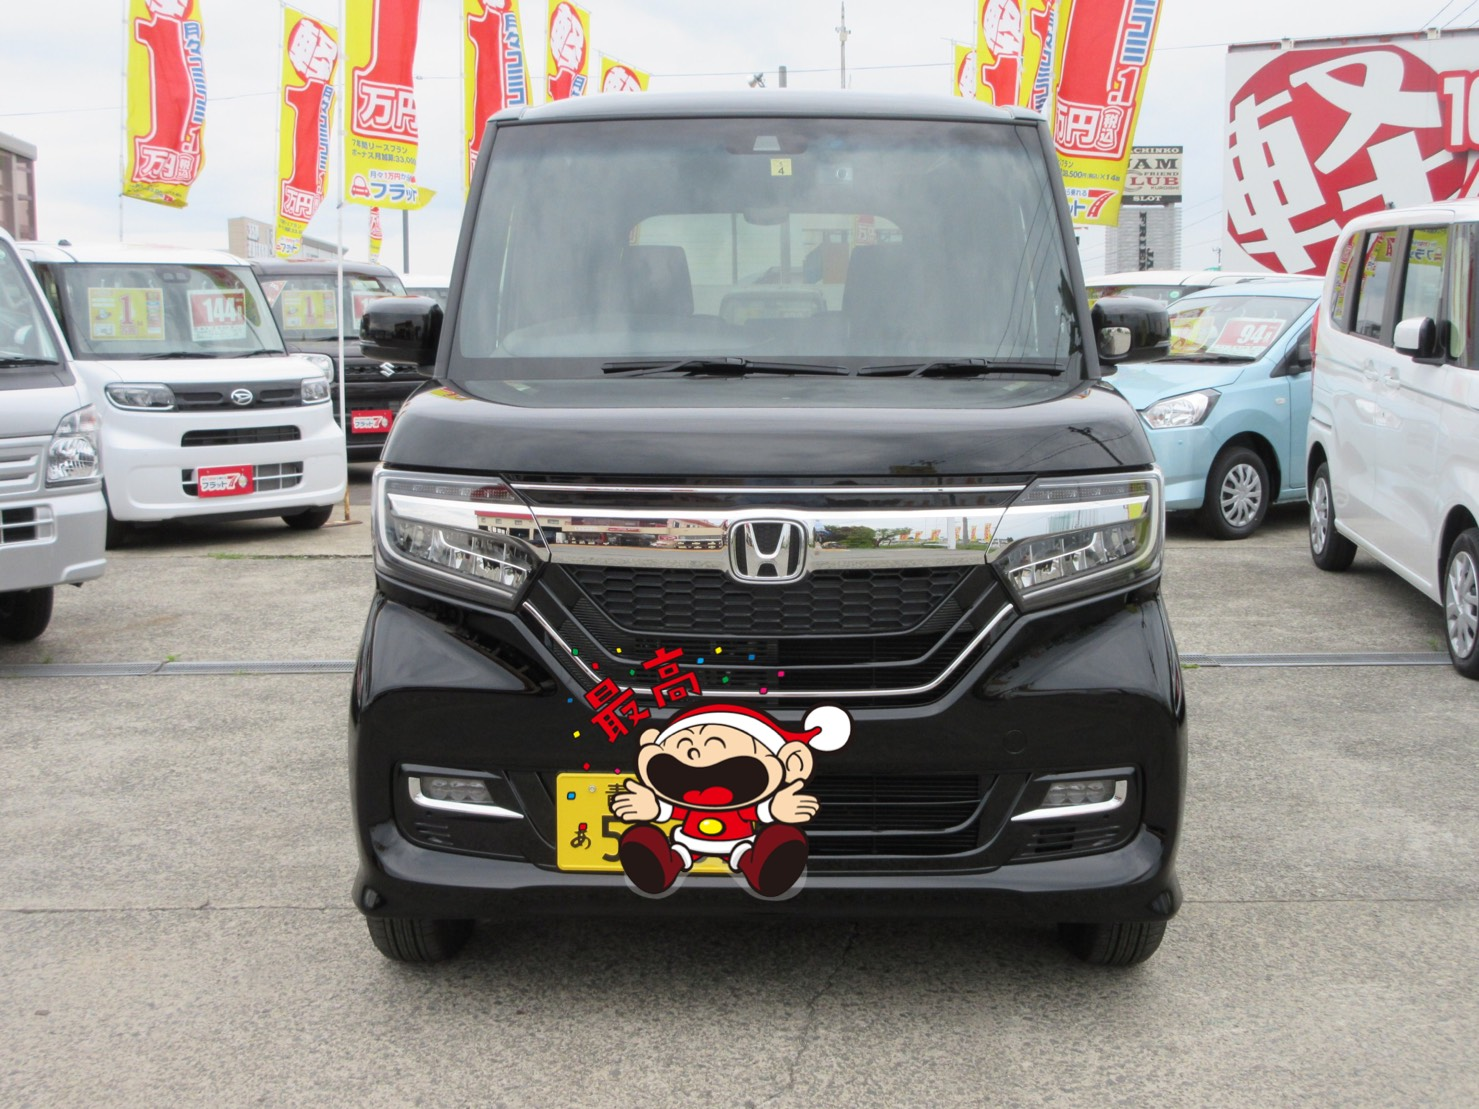 未使用車 NBOXカスタム 平川市のお客様のイメージ画像|黒石カーリース専門店フラット7黒石